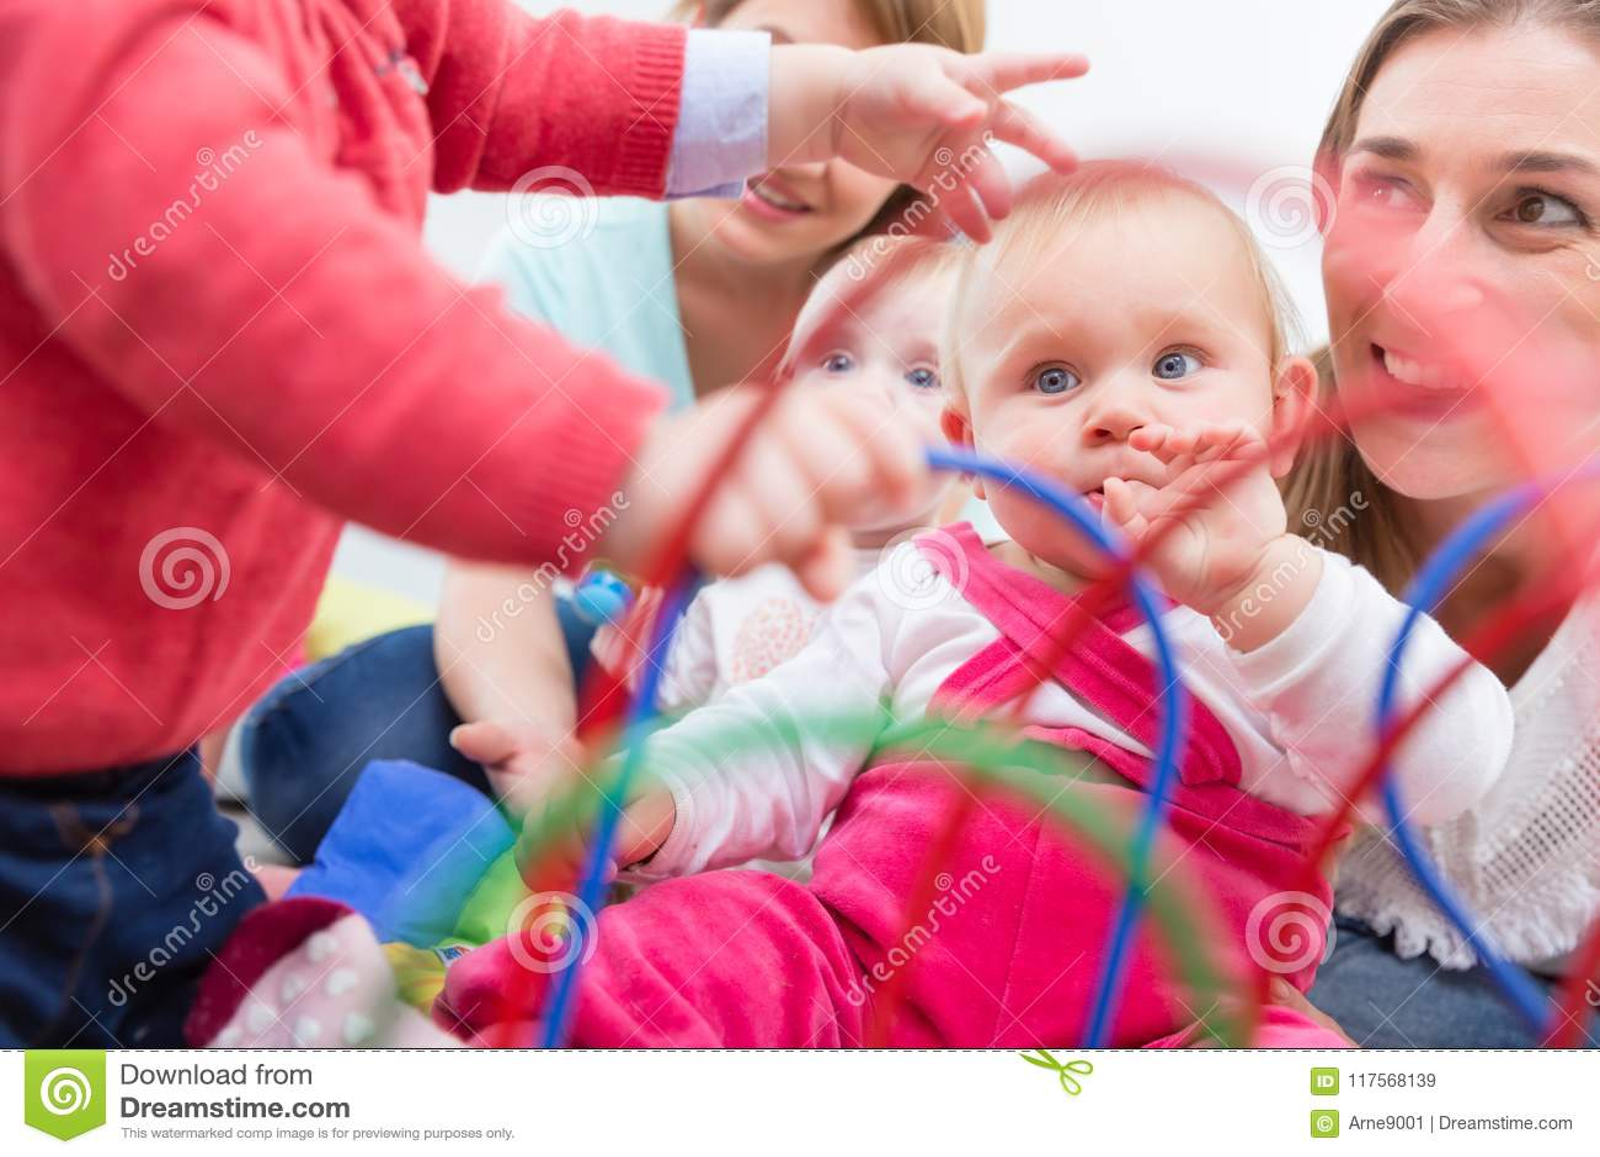 Le groupe de jeunes mères heureuses observant leurs bébés mignons et en bonne santé jouent